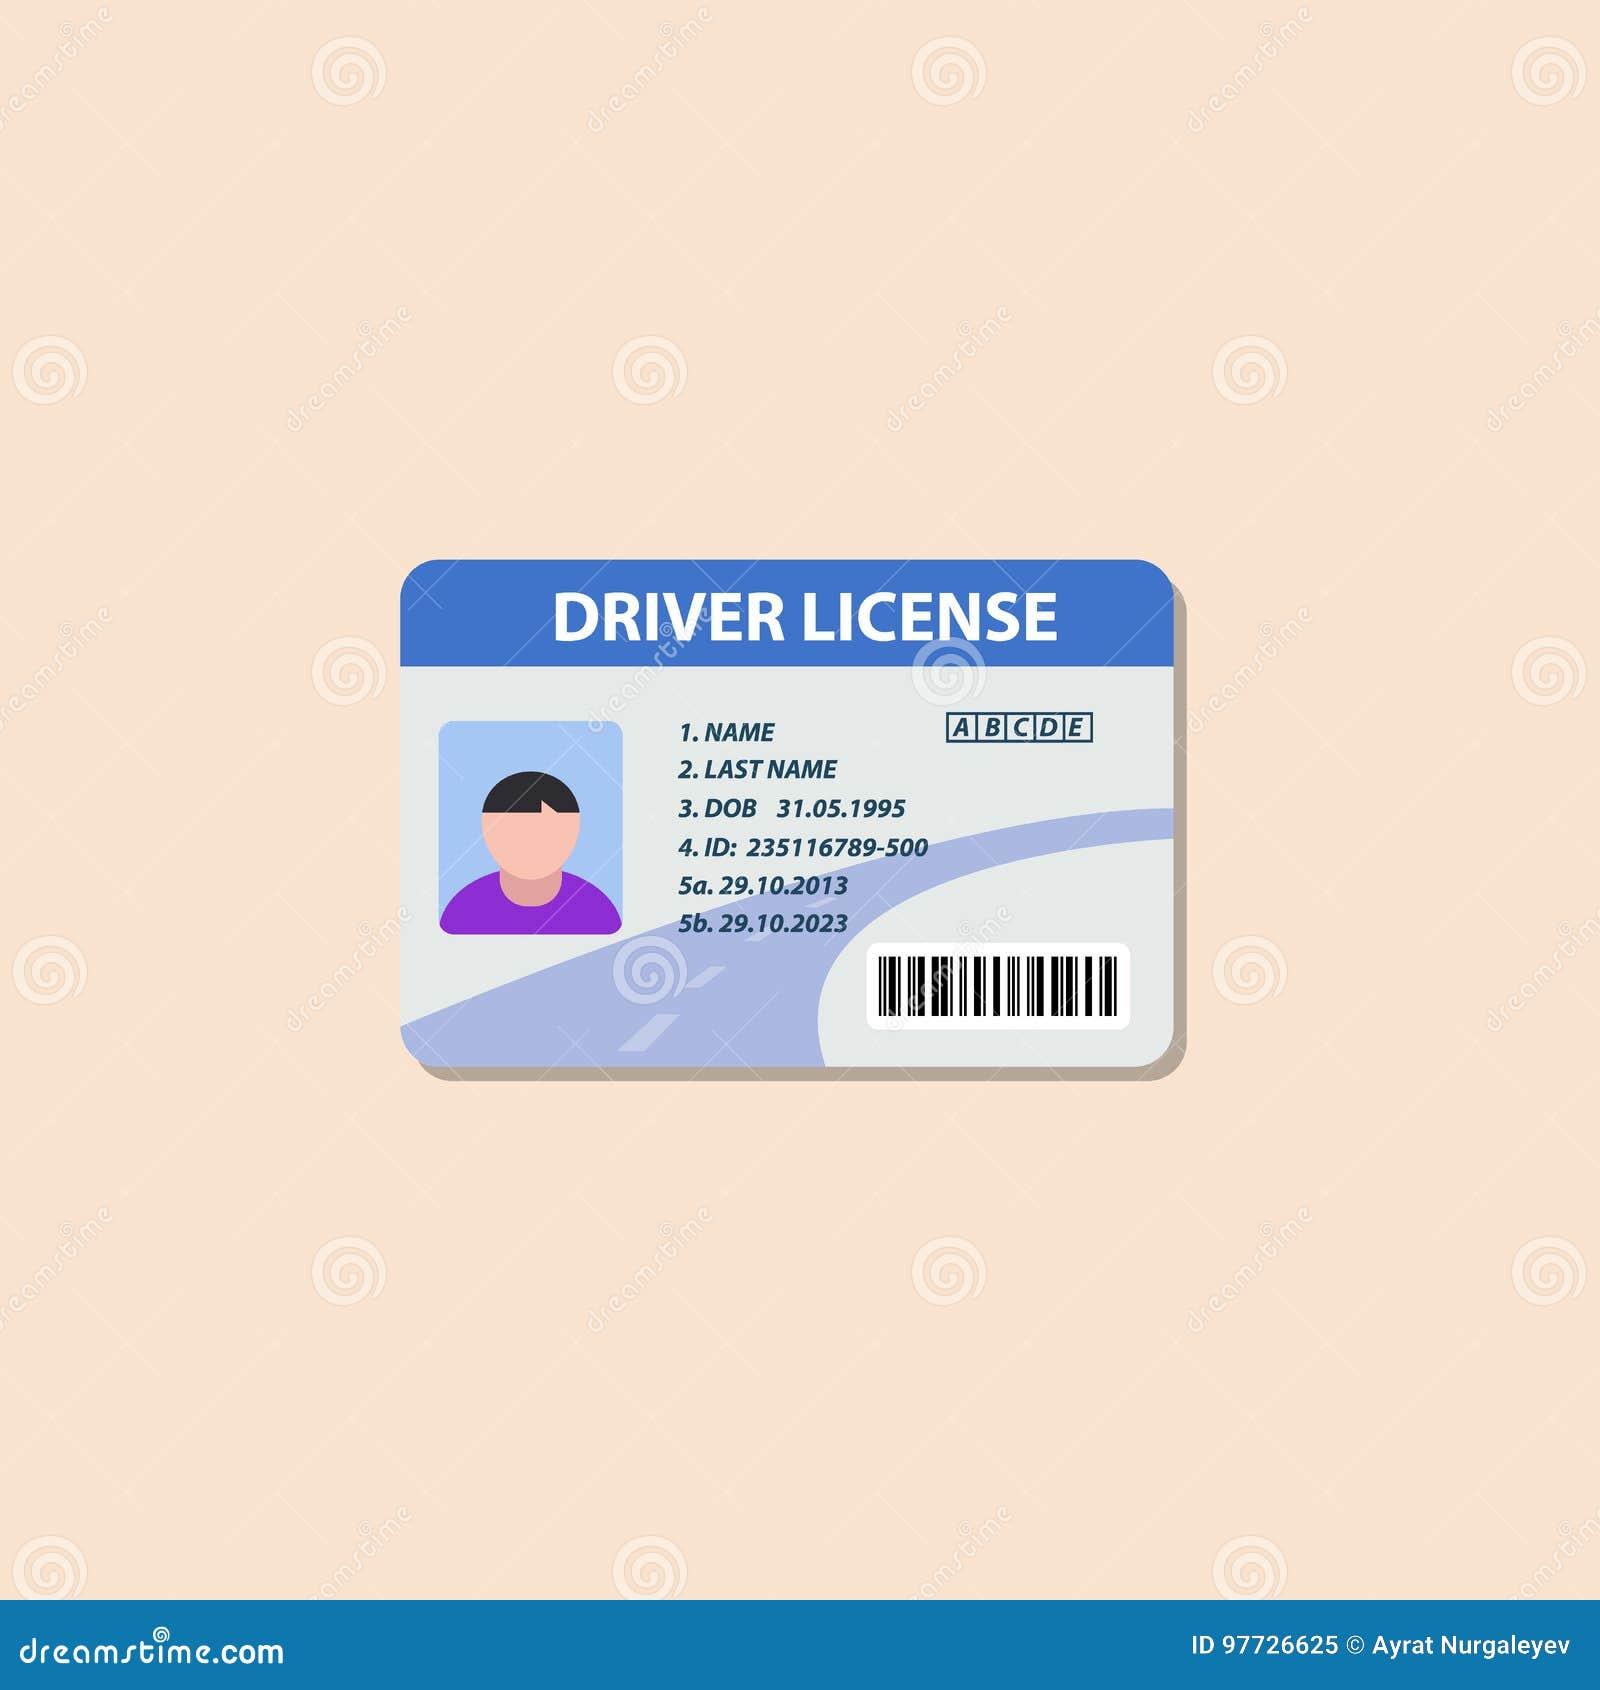 3f52f33f3 Ícone liso da carteira de motorista Este é um ícone do vetor para Web site  e aplicações eletrônicas Este ícone tem um tamanho de 48 por 48 pixéis  Também